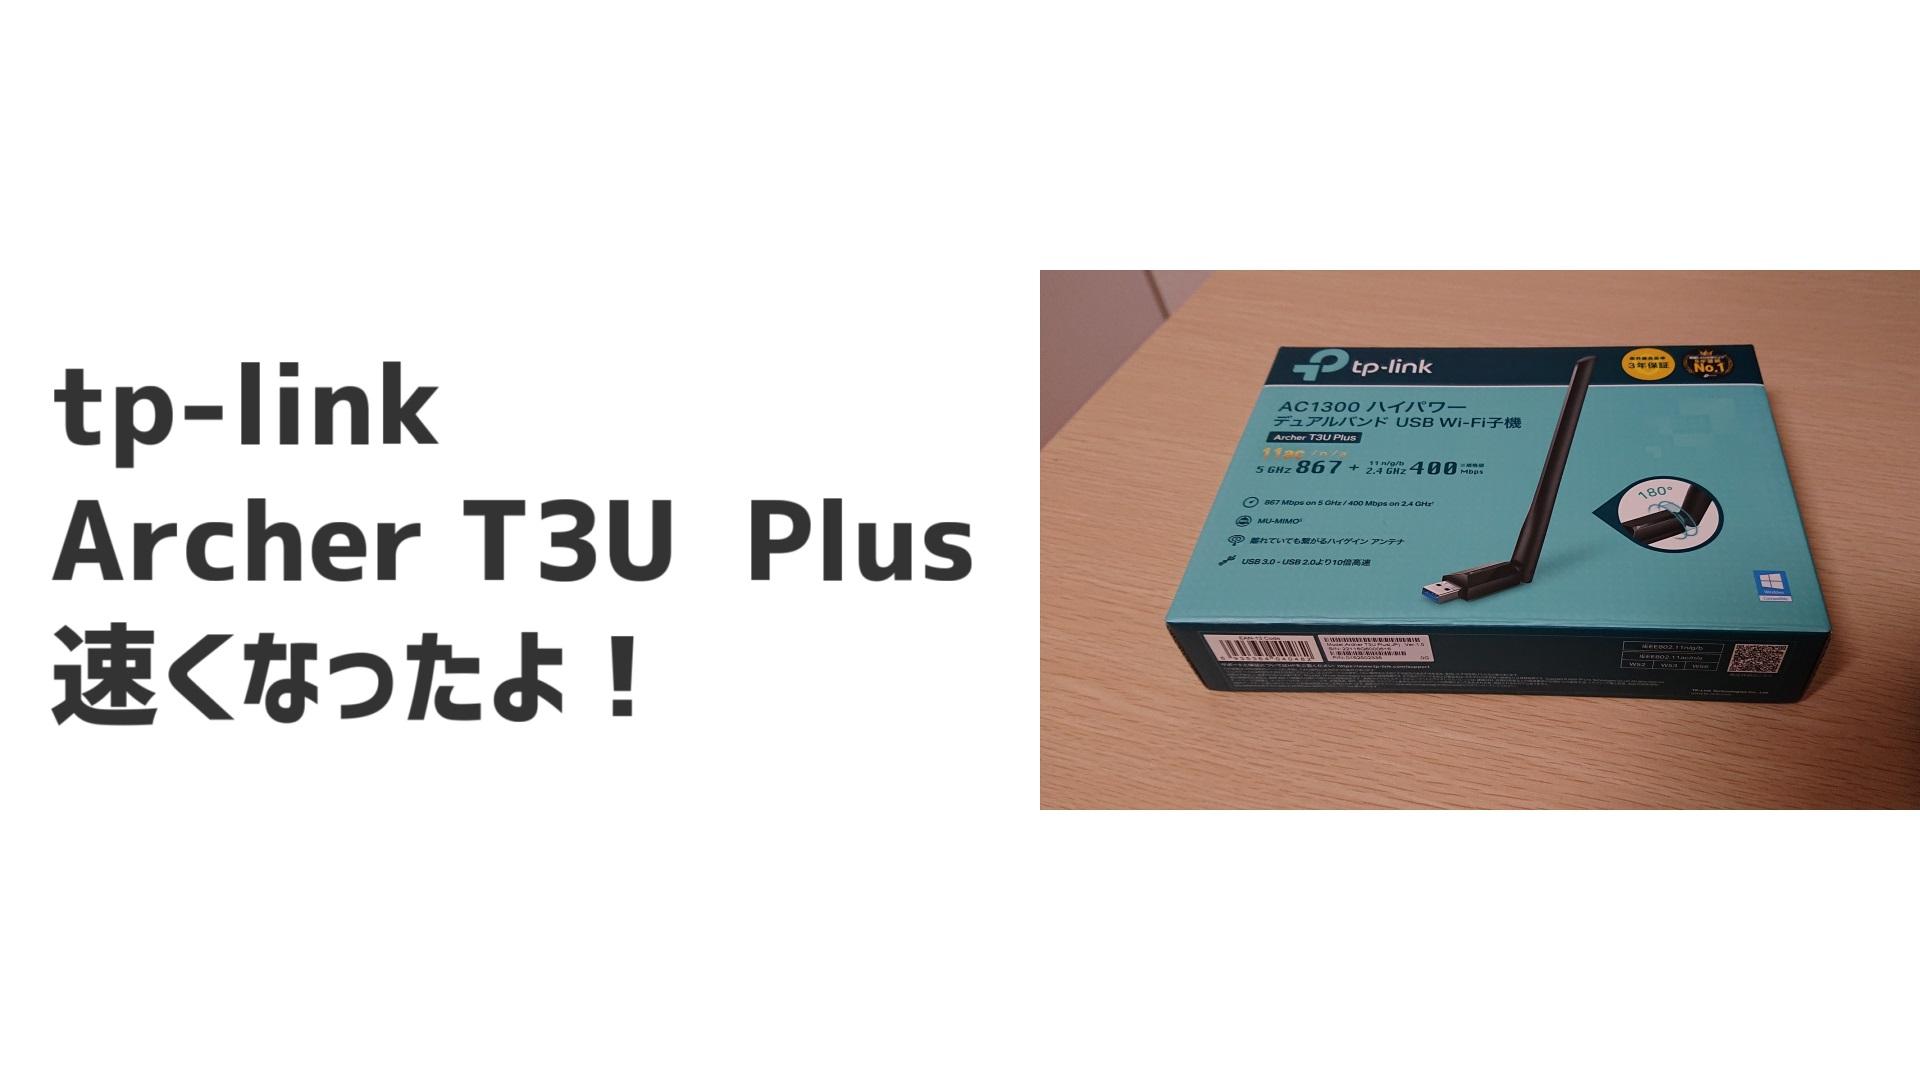 tp-linkのArcher T3U Plusを購入。爆速になった件。